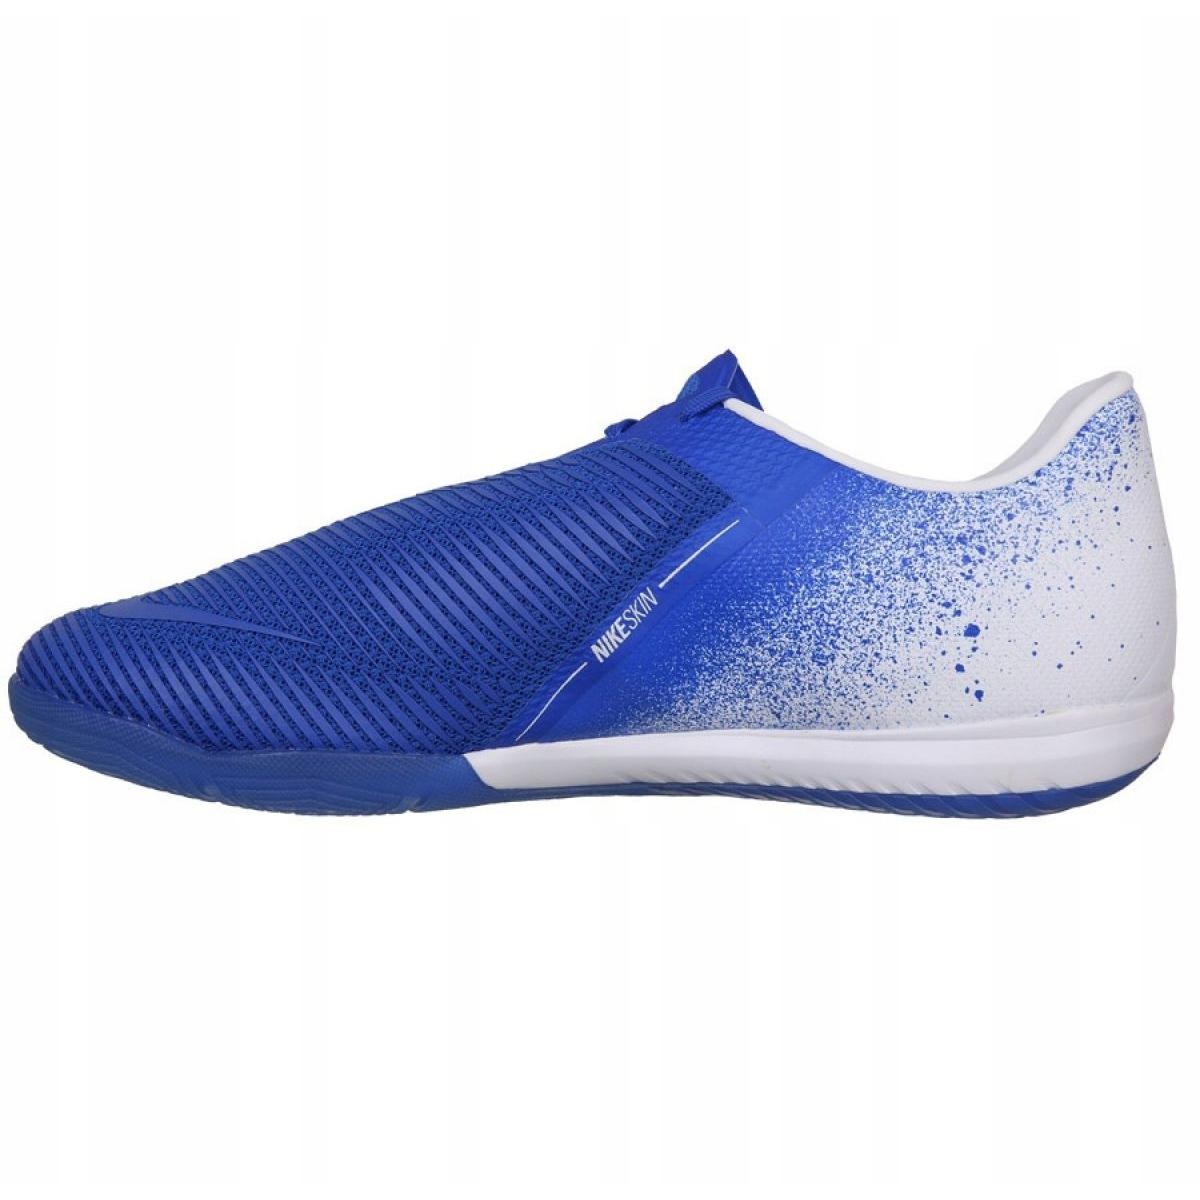 Buty halowe Nike Zoom Phantom Venom Pro Ic M BQ7496 104 biały, niebieski niebieskie